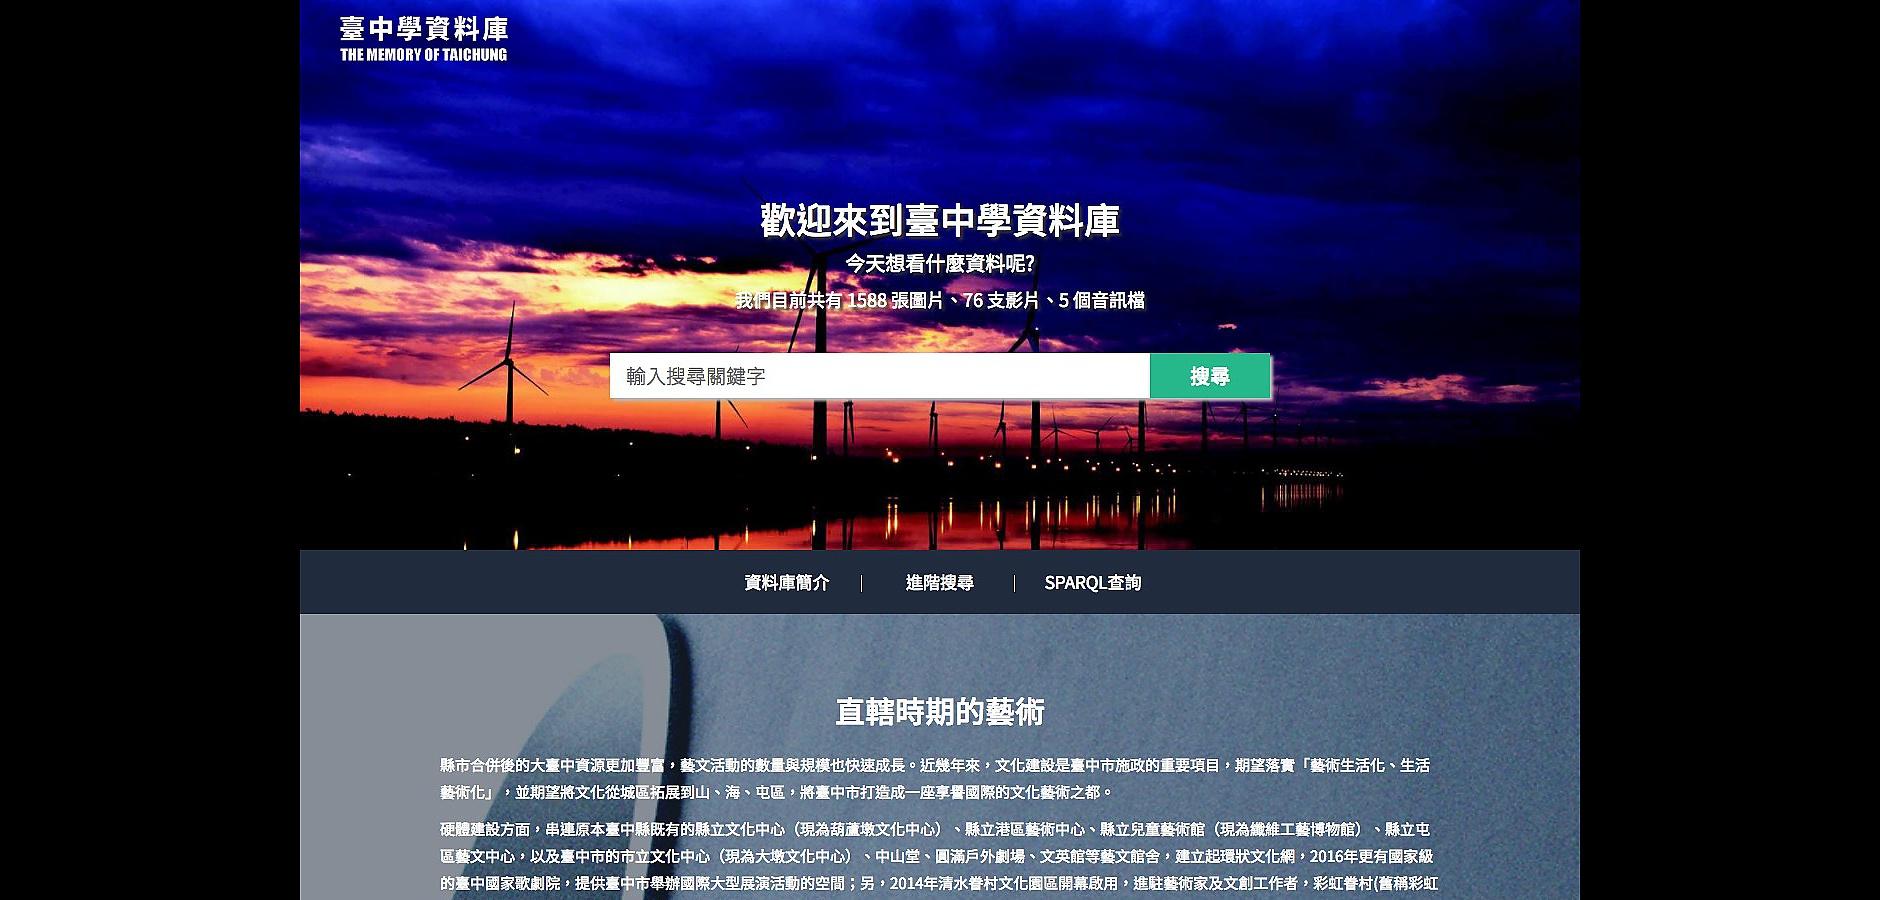 臺中學資料庫